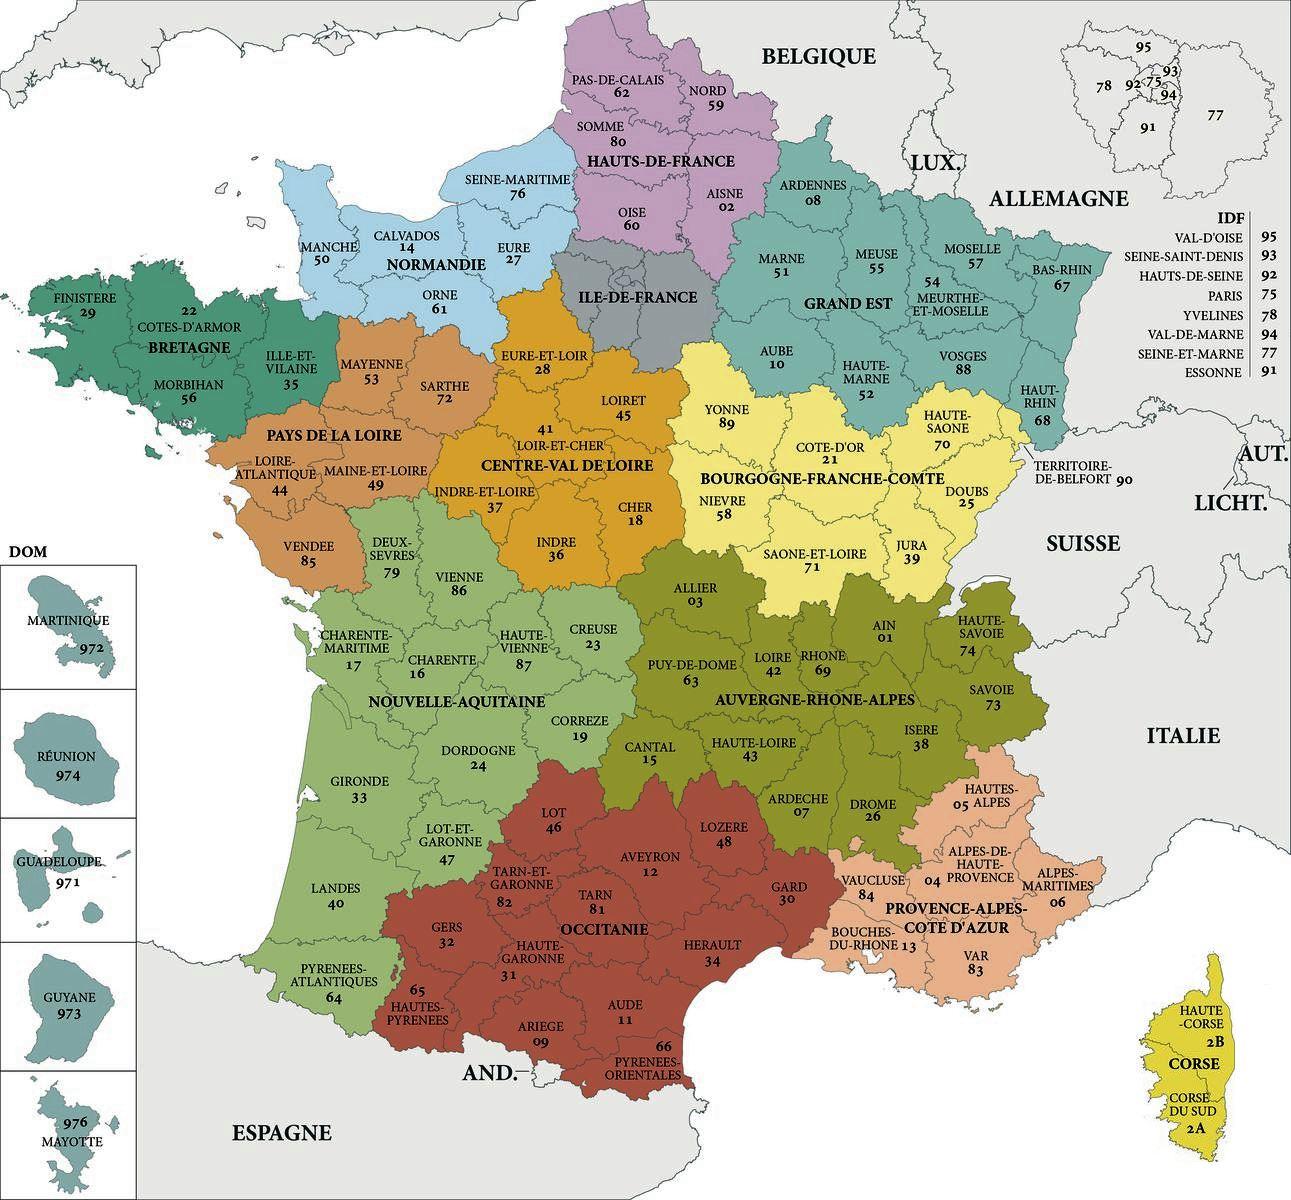 Carte De France Departements : Carte Des Départements De France concernant Carte Des Régions De France À Imprimer